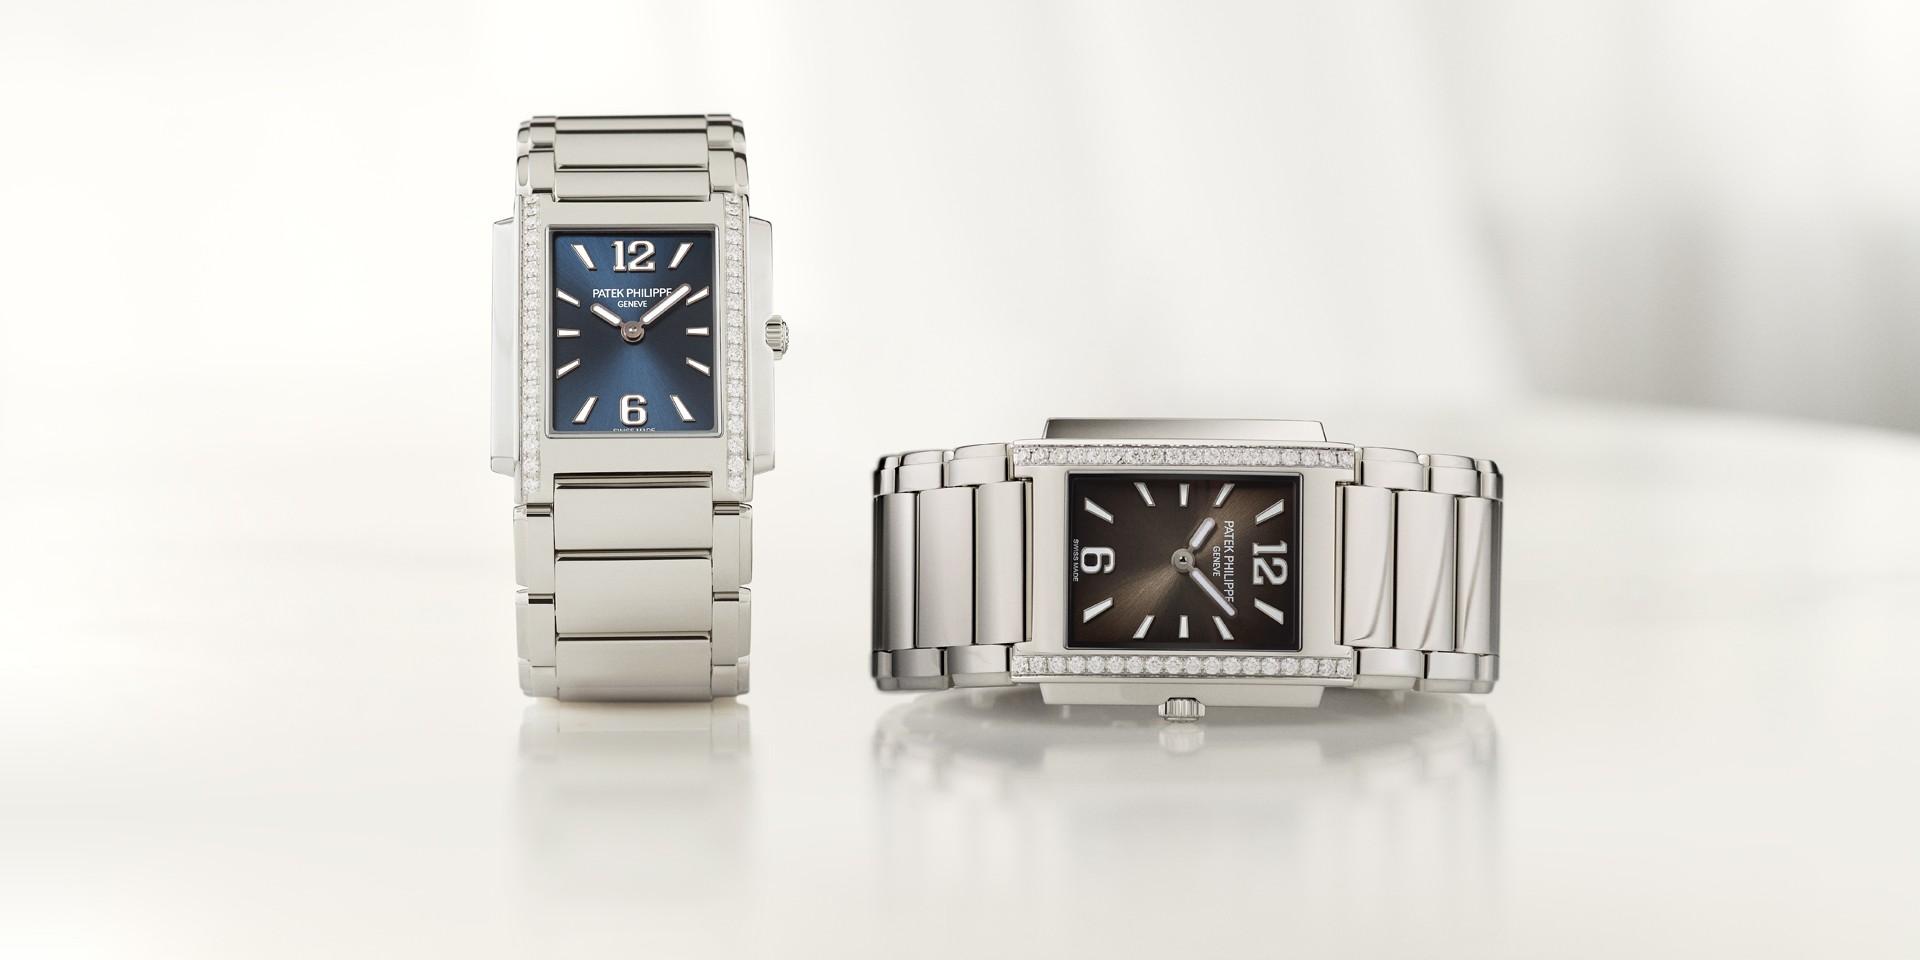 【2020線上錶展】百達翡麗推出新款Twenty~4 編號4910/1200A-001 及 4910/1200A-010腕錶